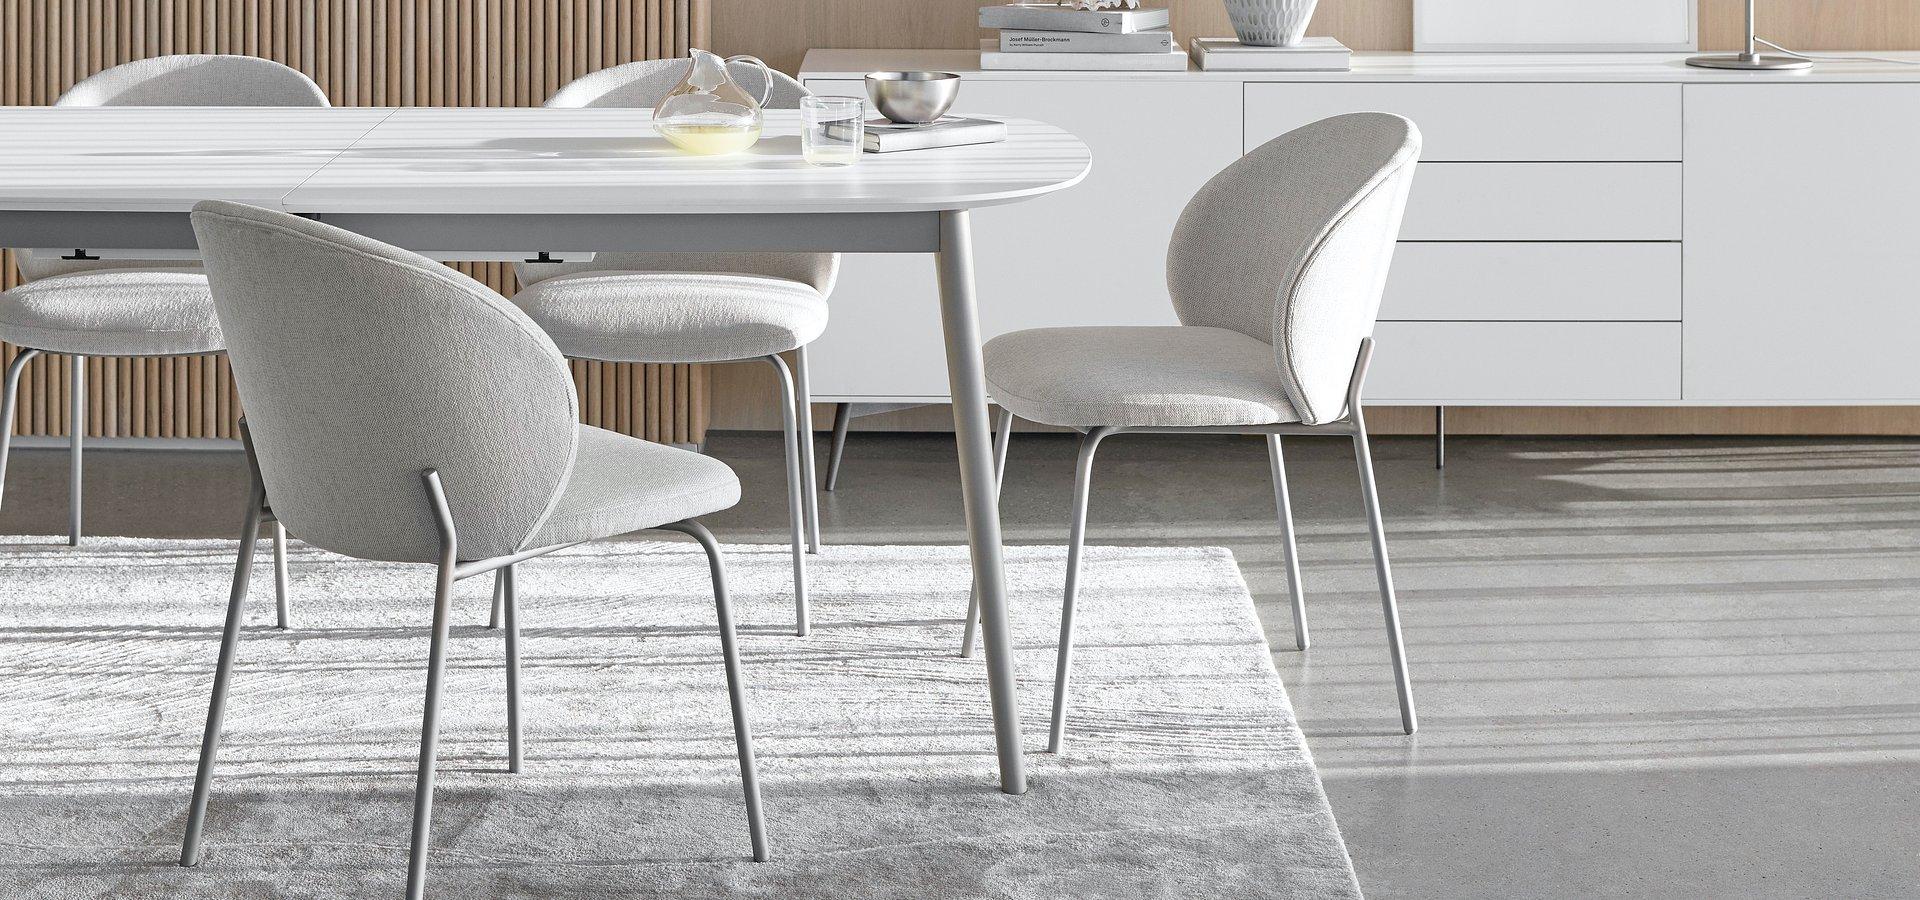 BoConcept przedstawia nowe meble do jadalni: stół Kingston i krzesło Princeton.